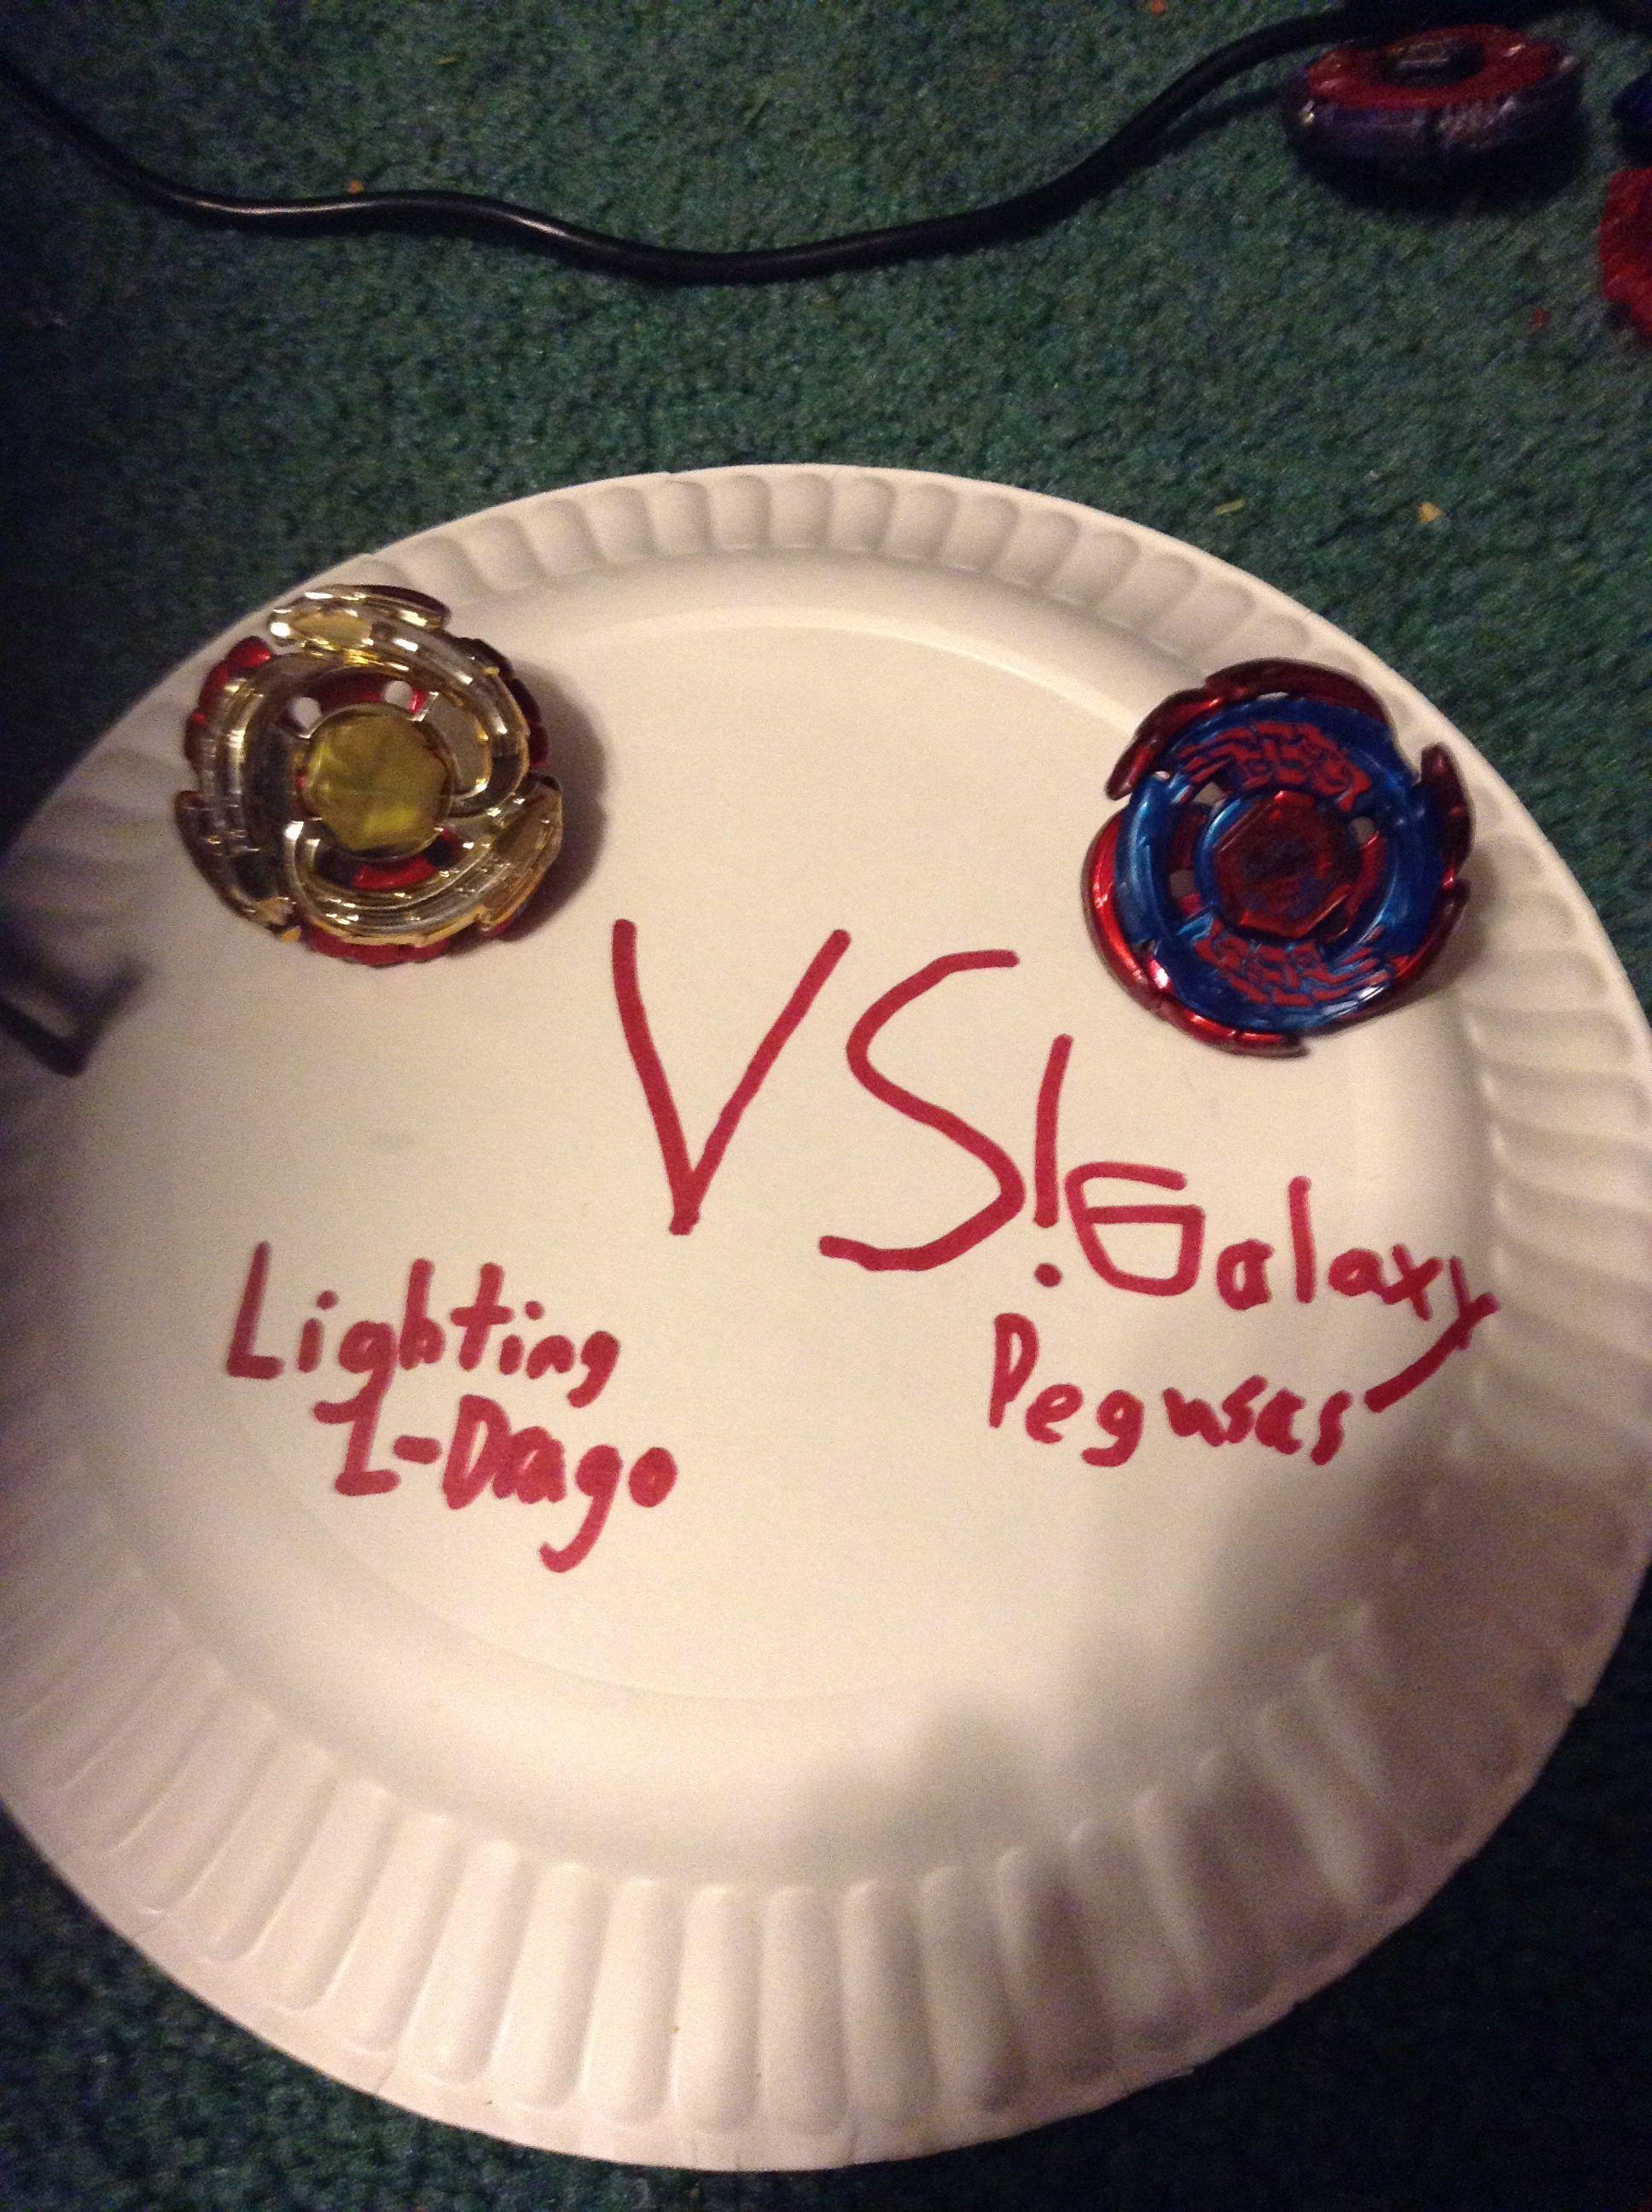 Evil Ryuga VS Ginga Lightning L Drago VS Galaxy Pegasius